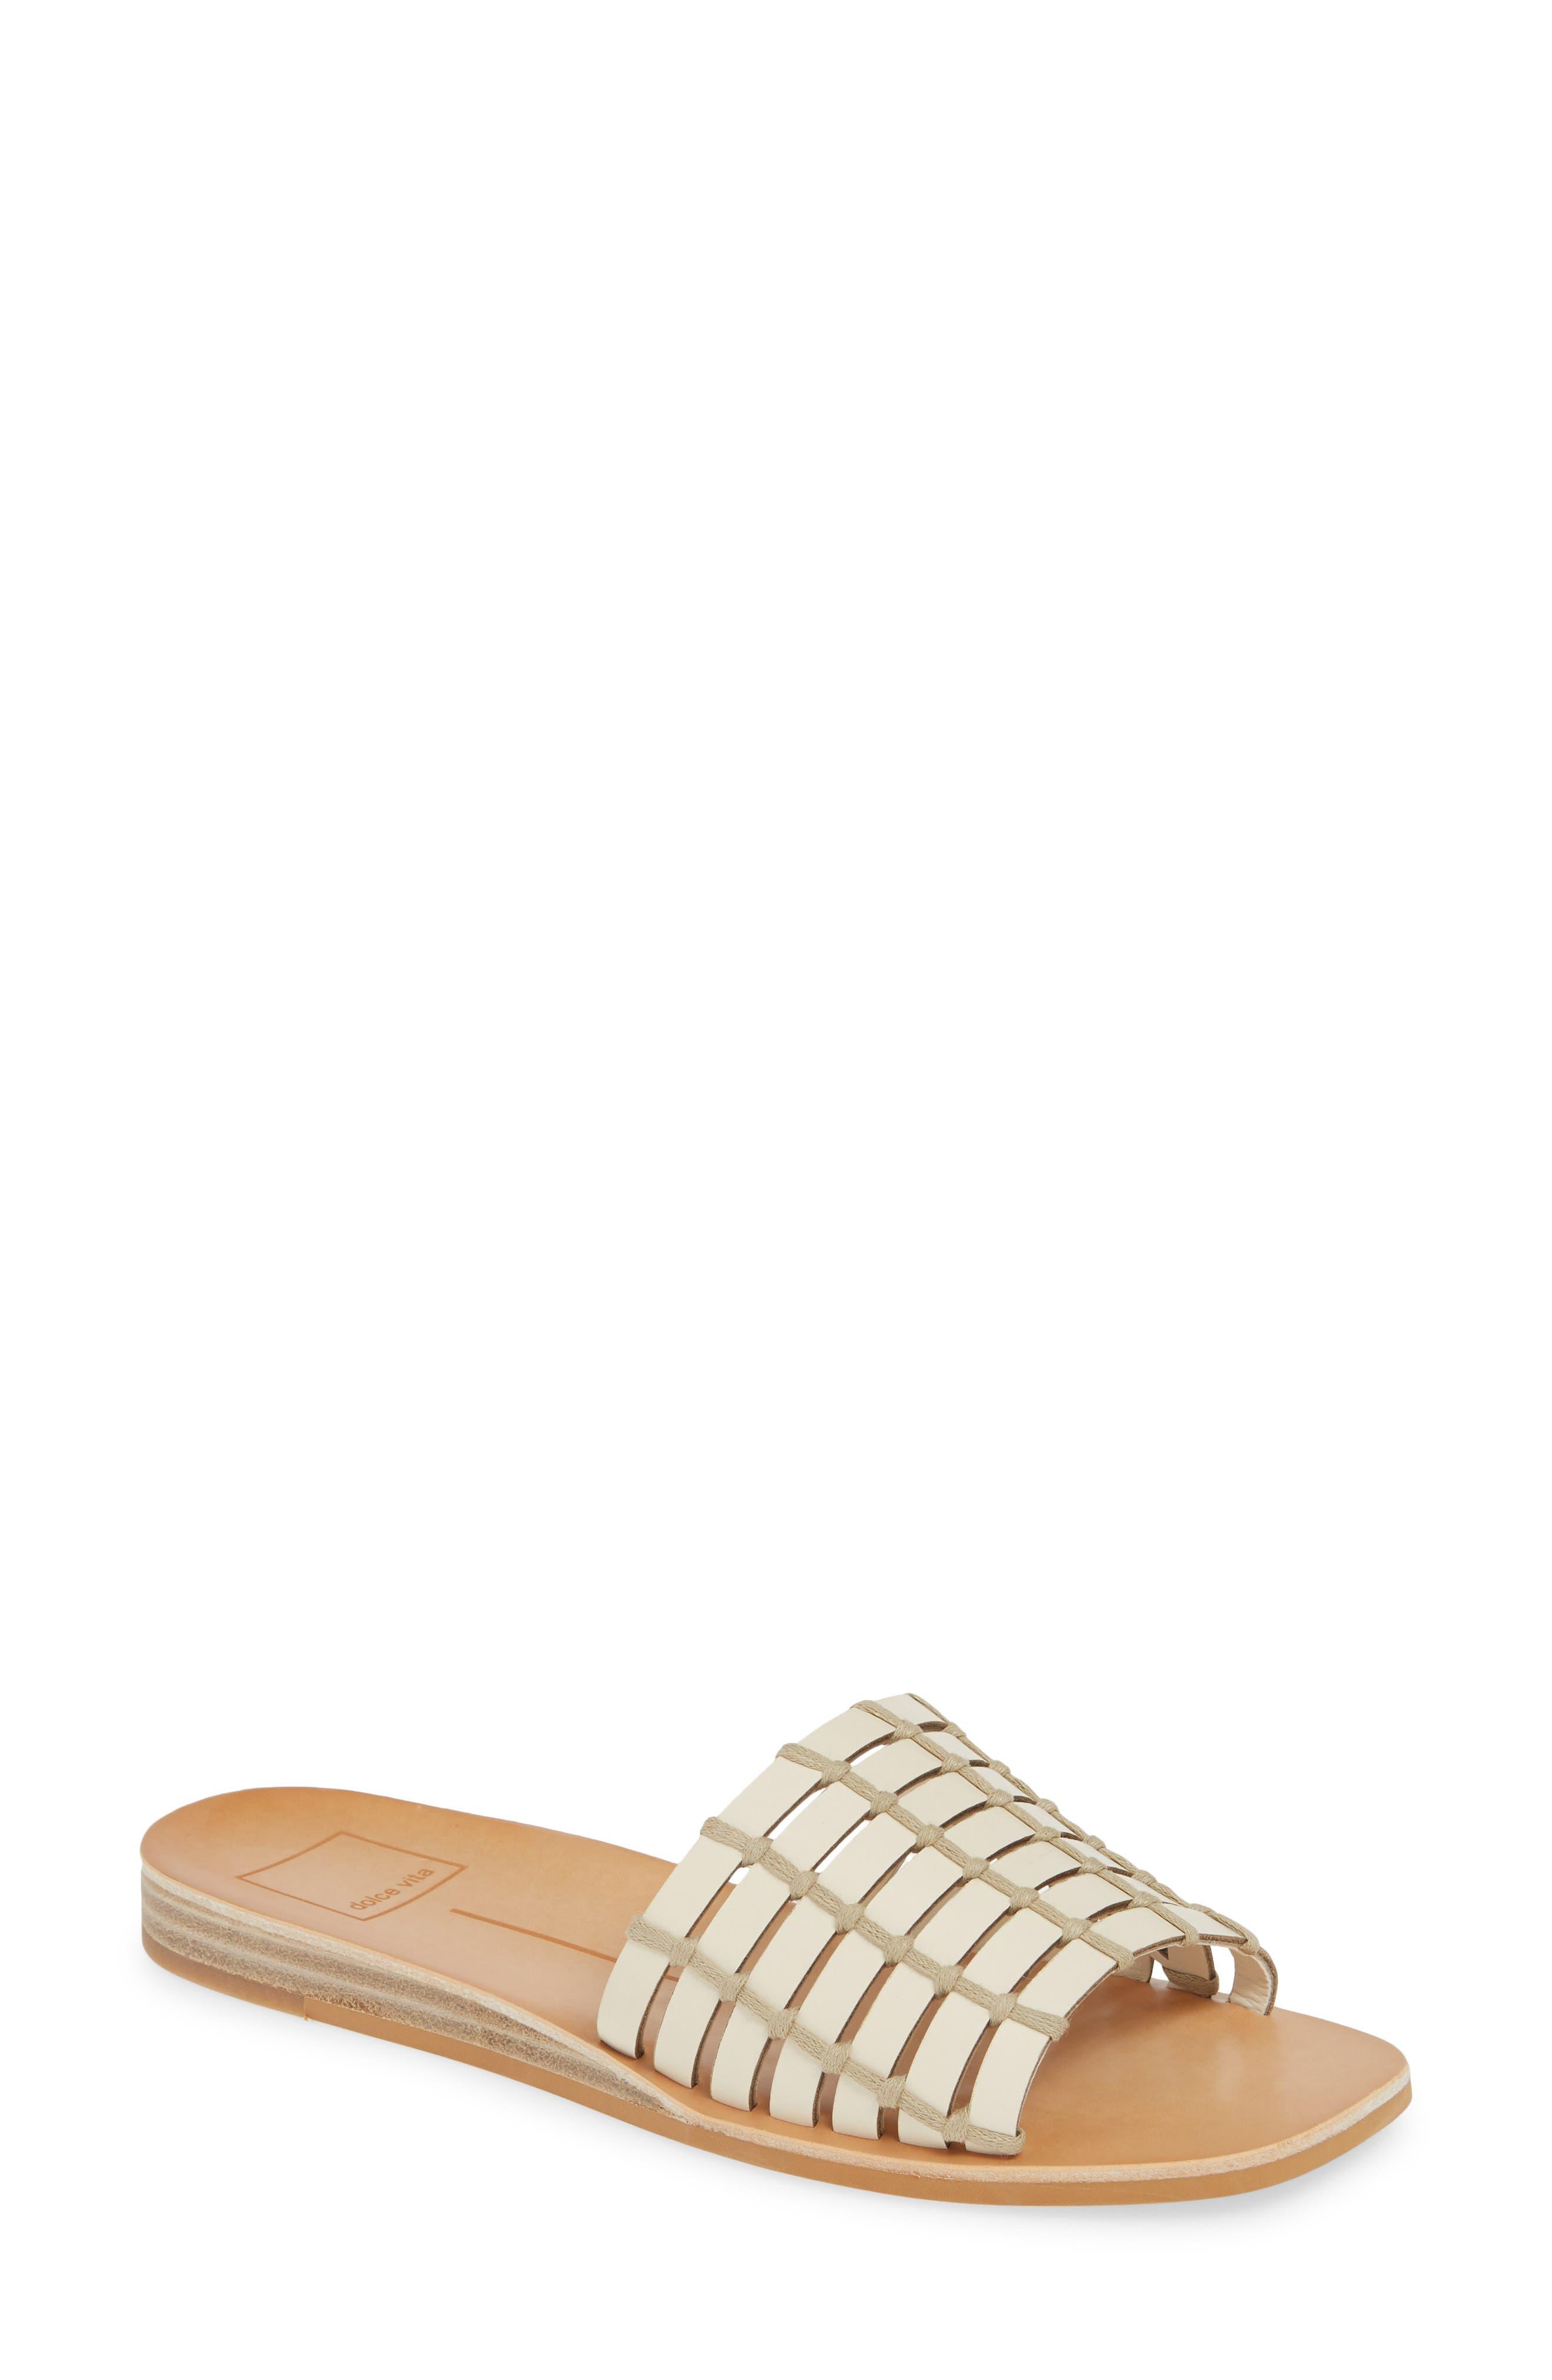 Dolce Vita Colsen Slide Sandal, Ivory